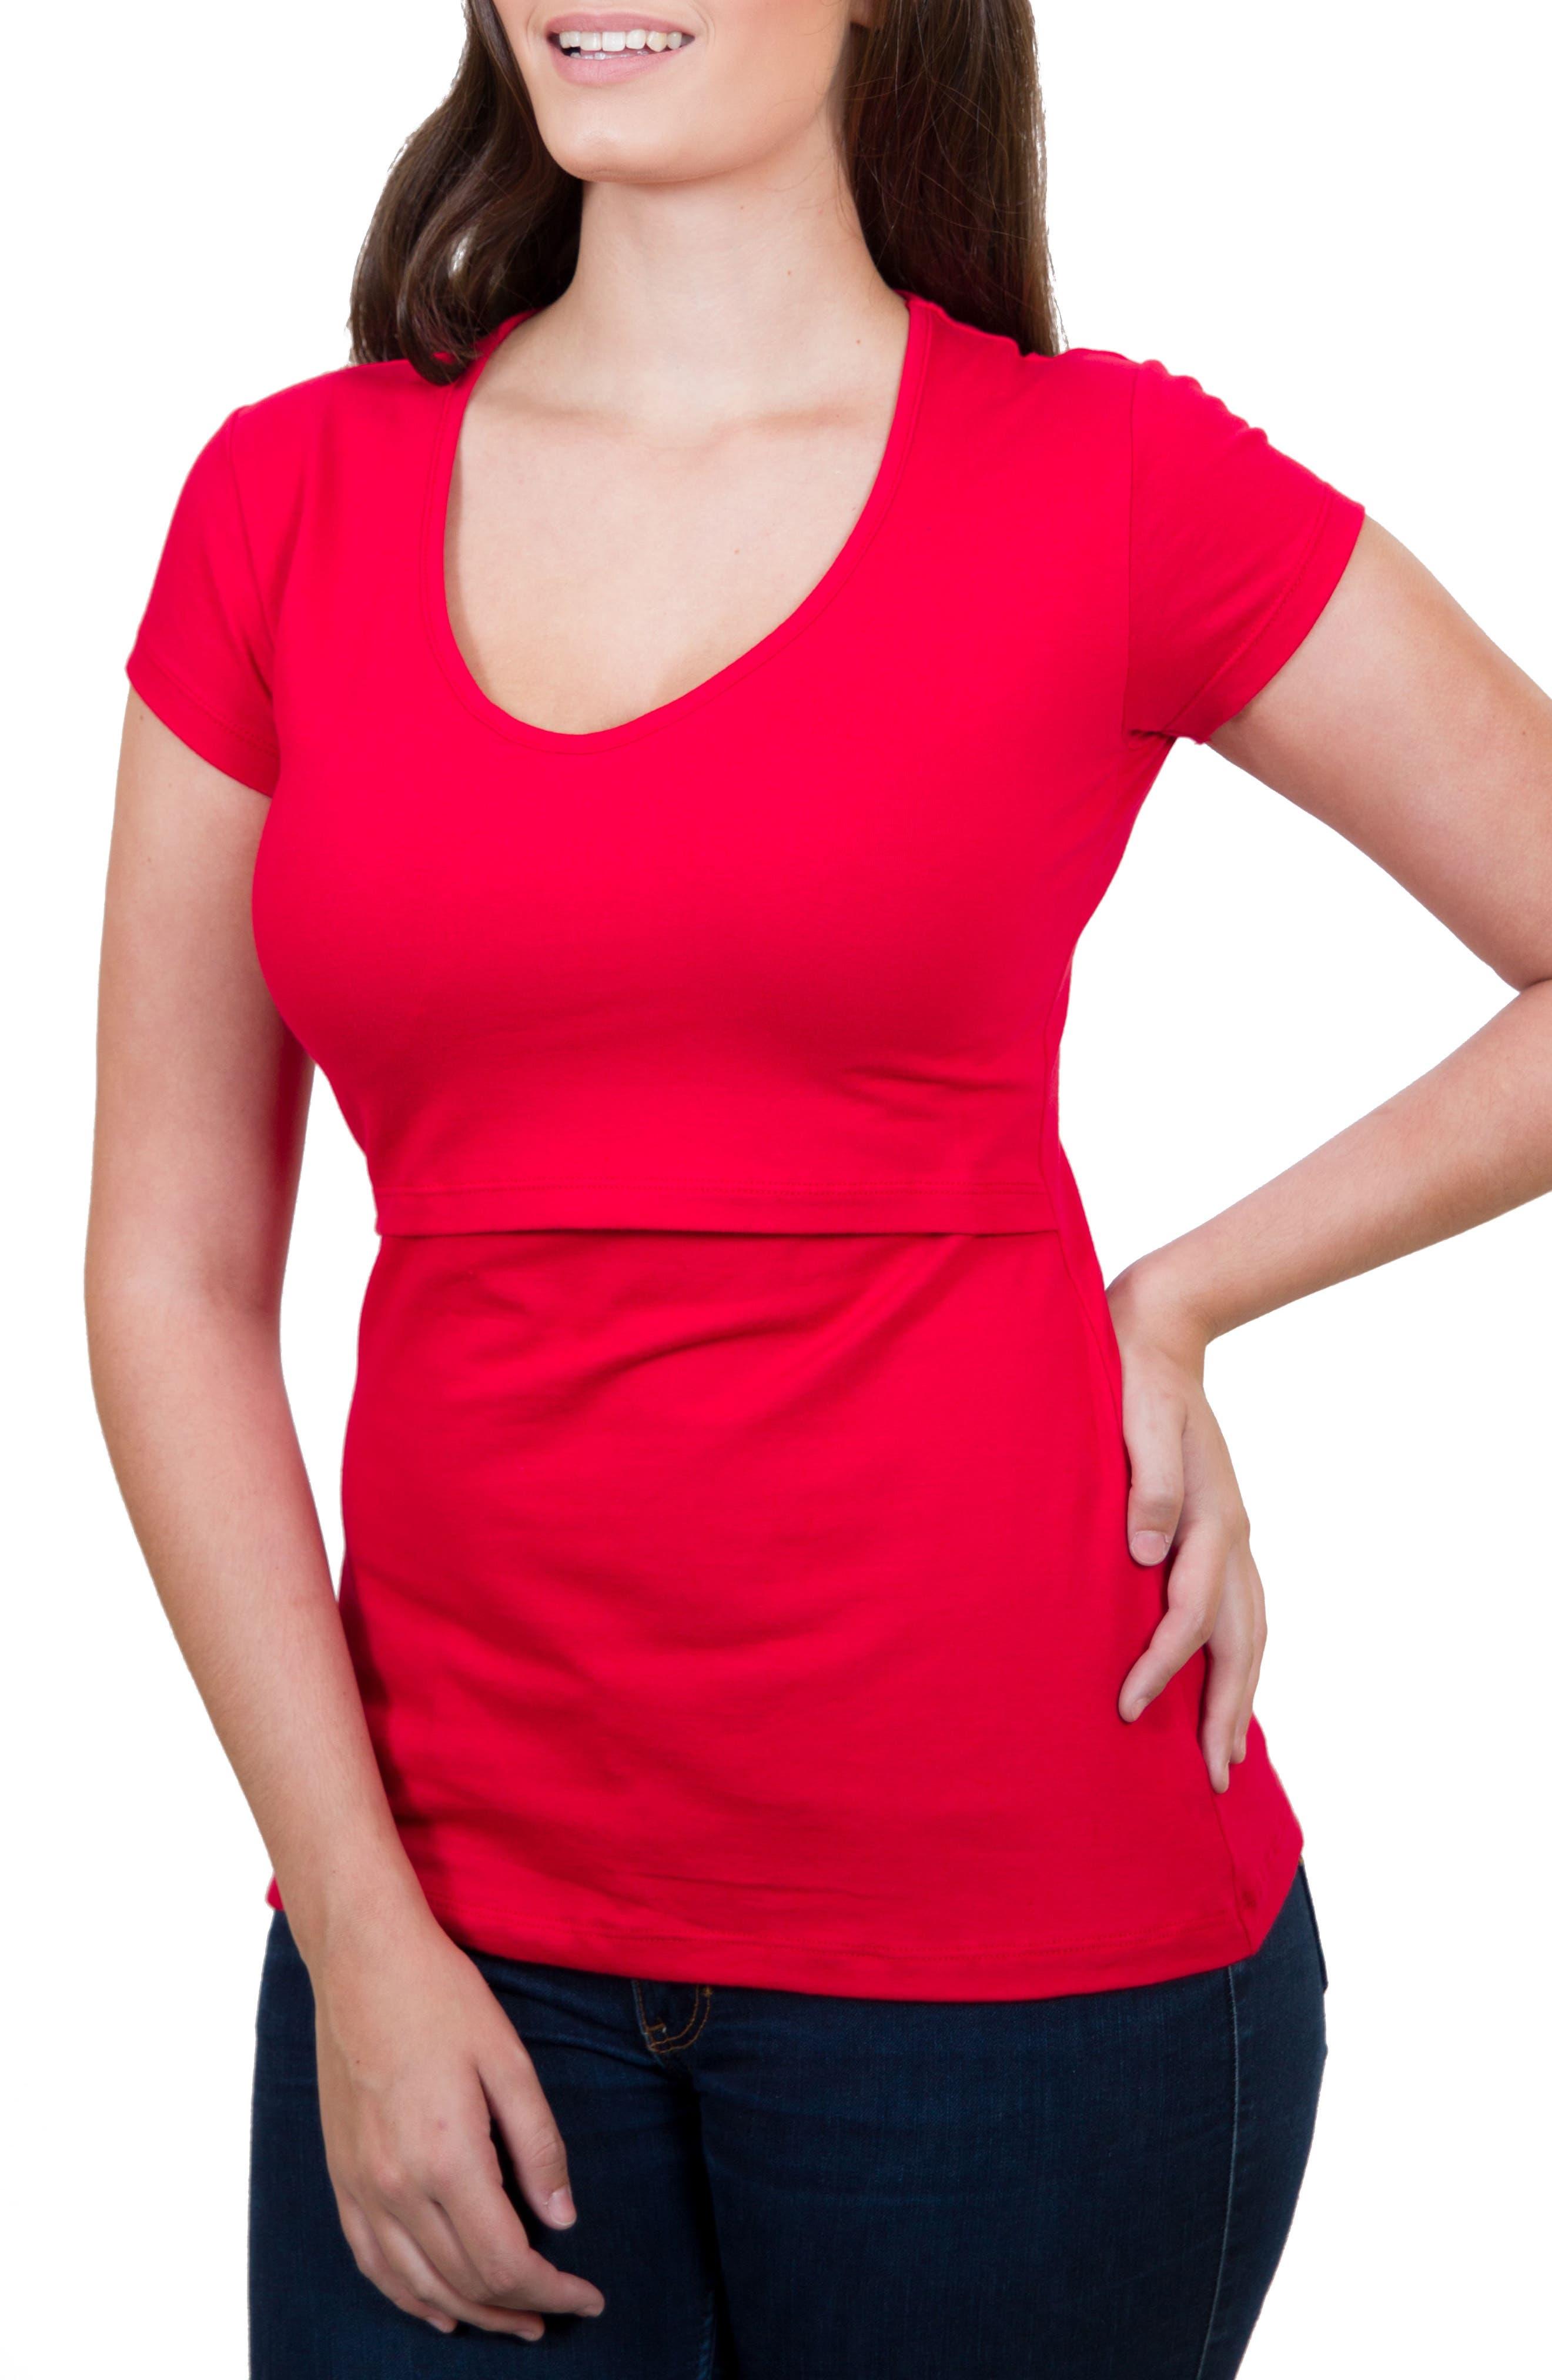 Mamawear V-Neck Nursing Top,                             Main thumbnail 1, color,                             600